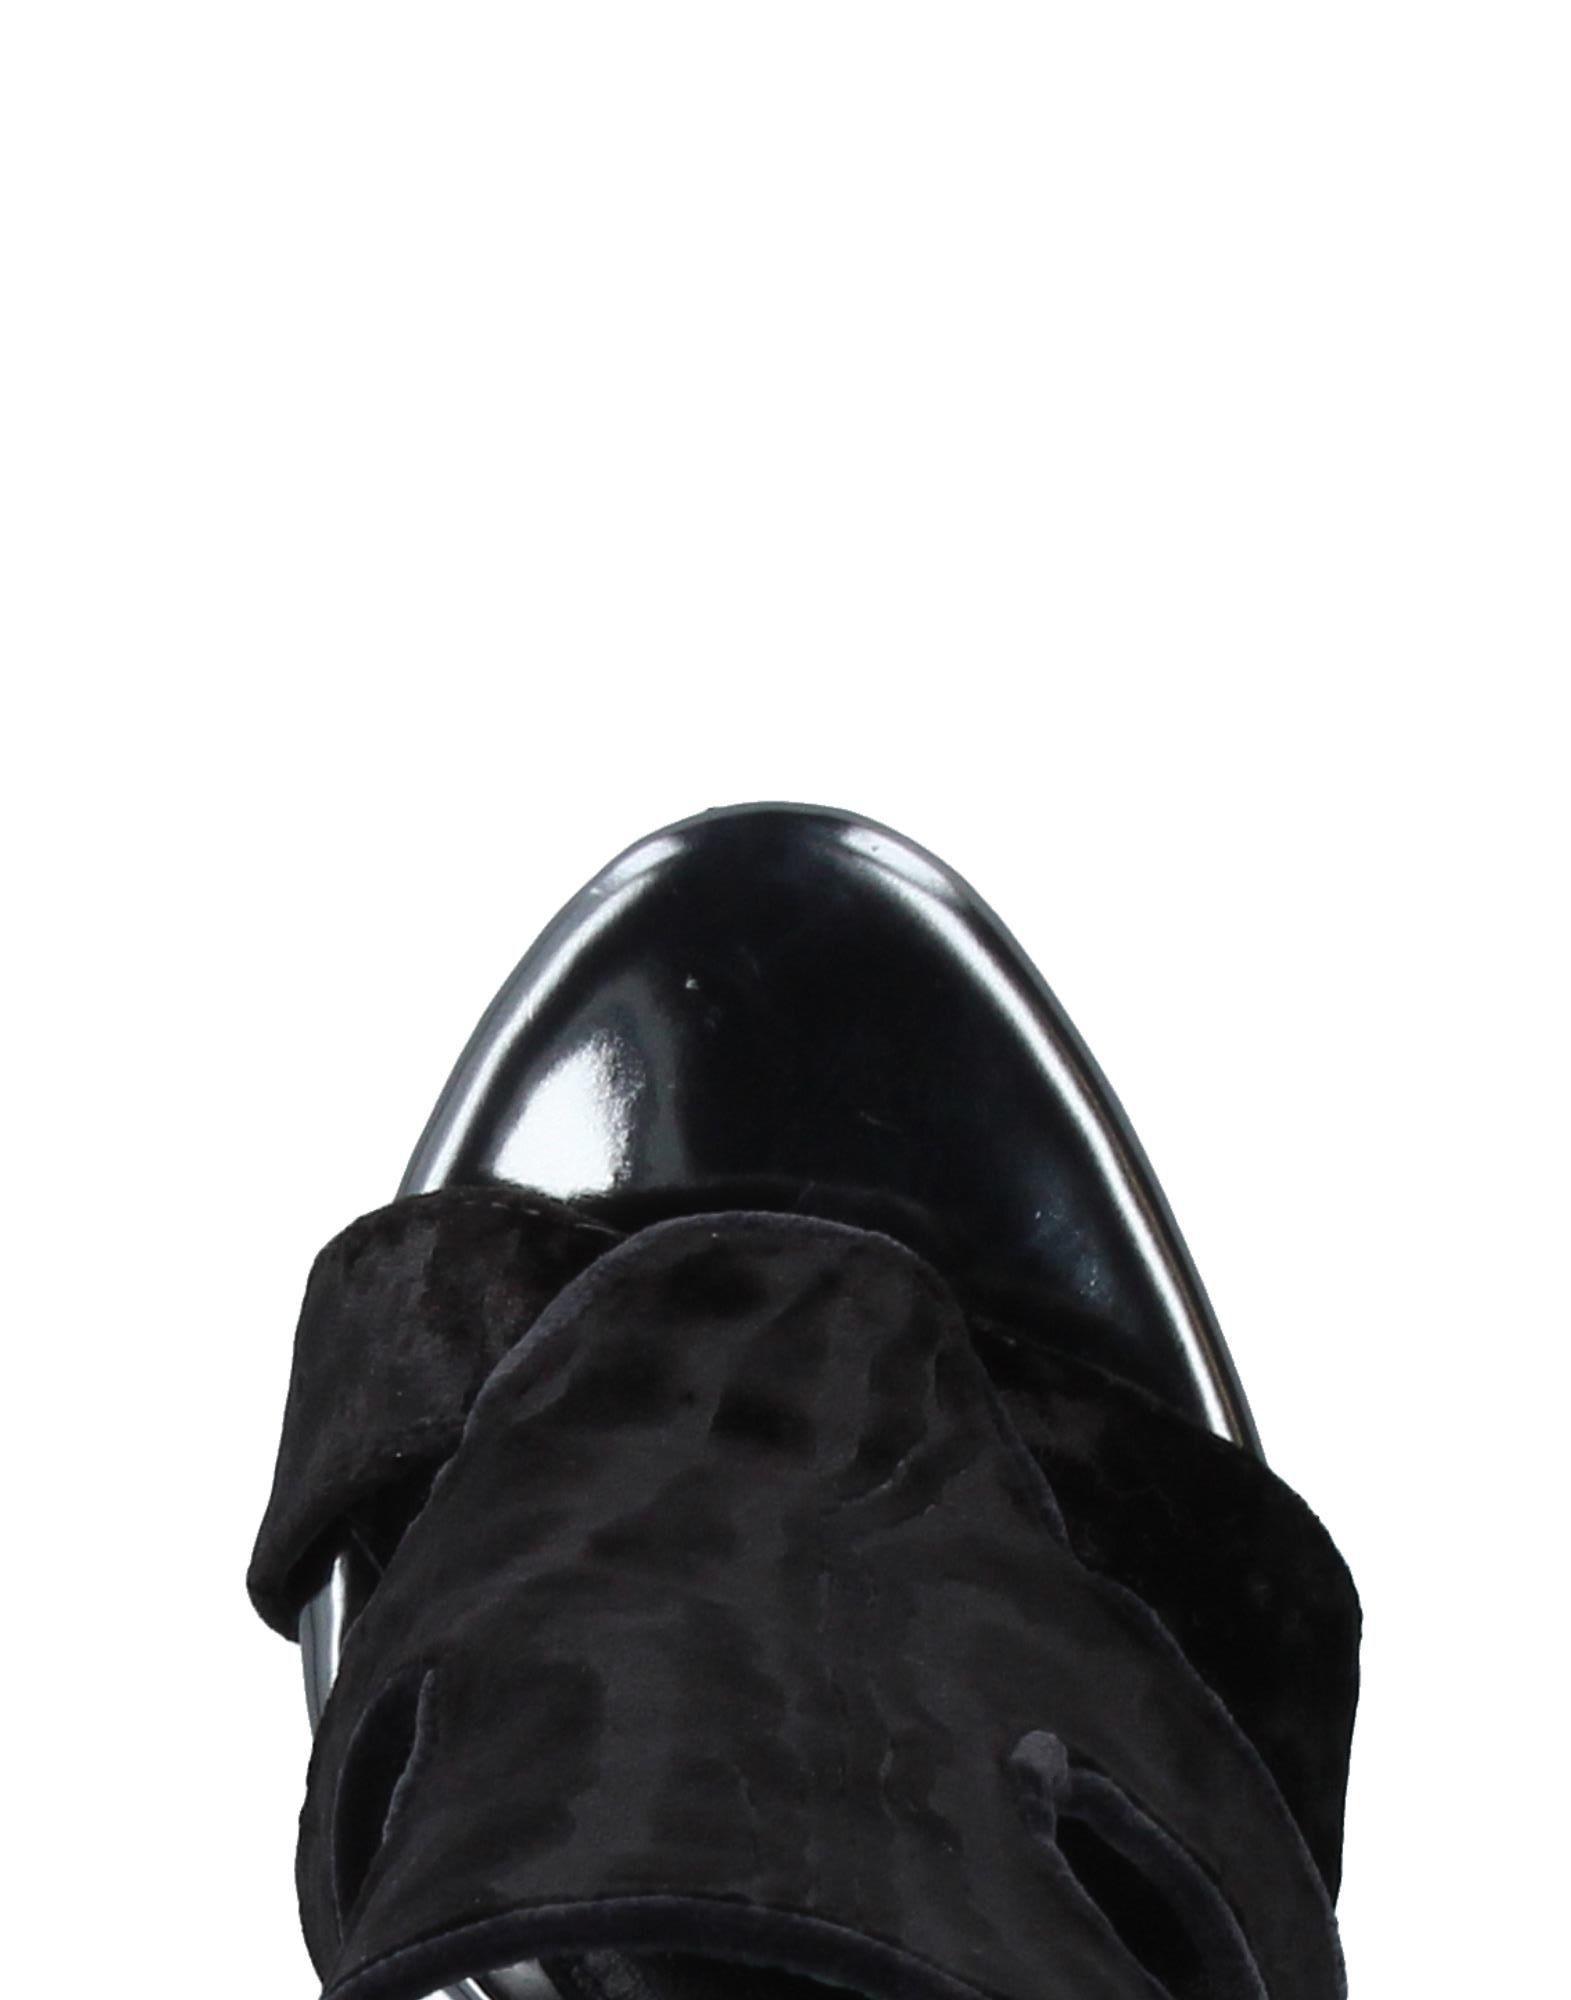 Tipe E Tacchi Sandalen Damen Damen Sandalen  11262604FC Neue Schuhe 2d510c